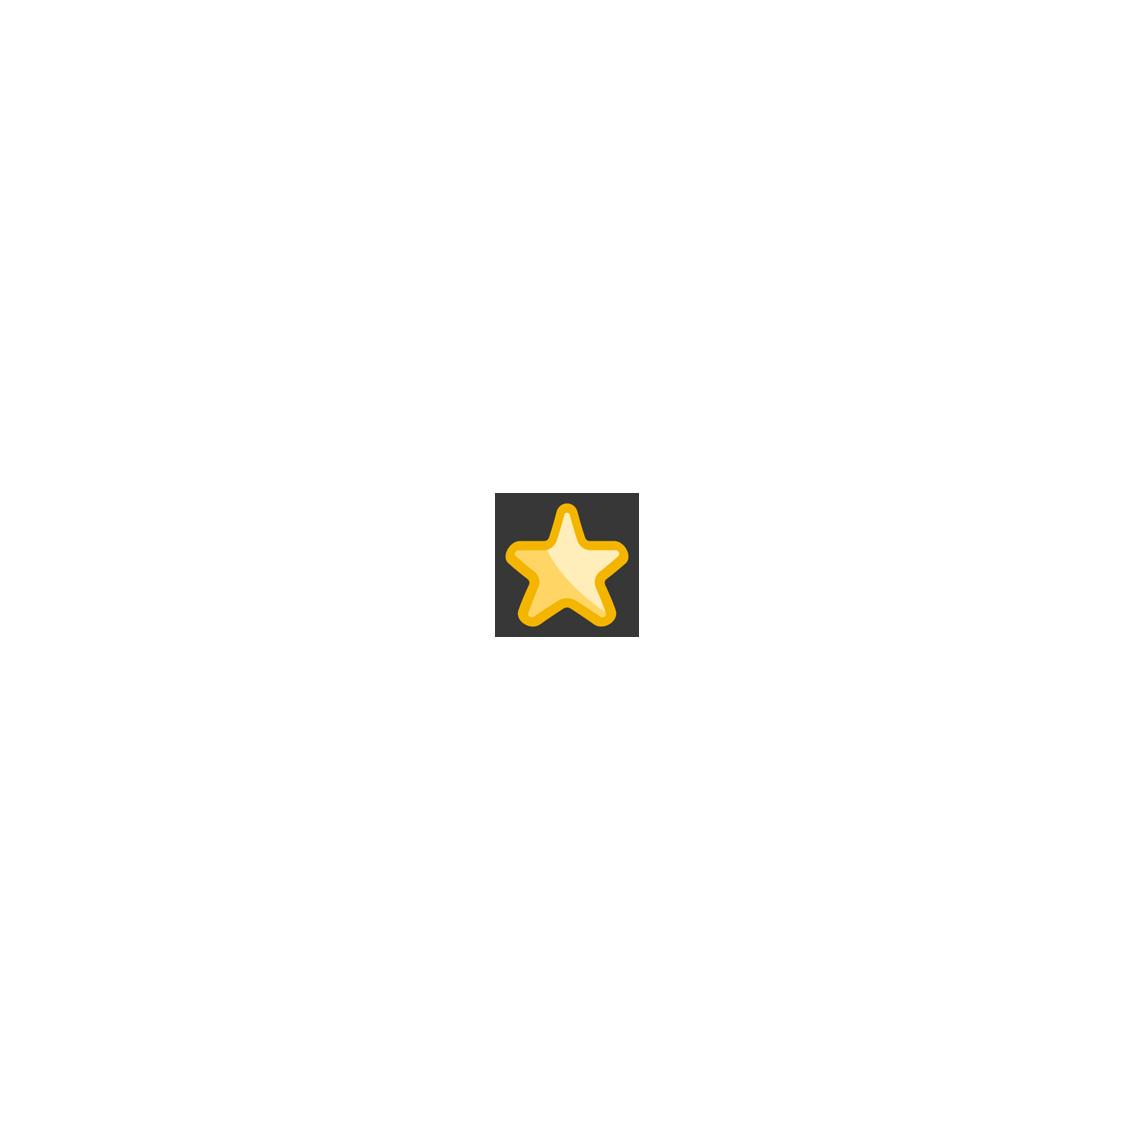 stjerne.png